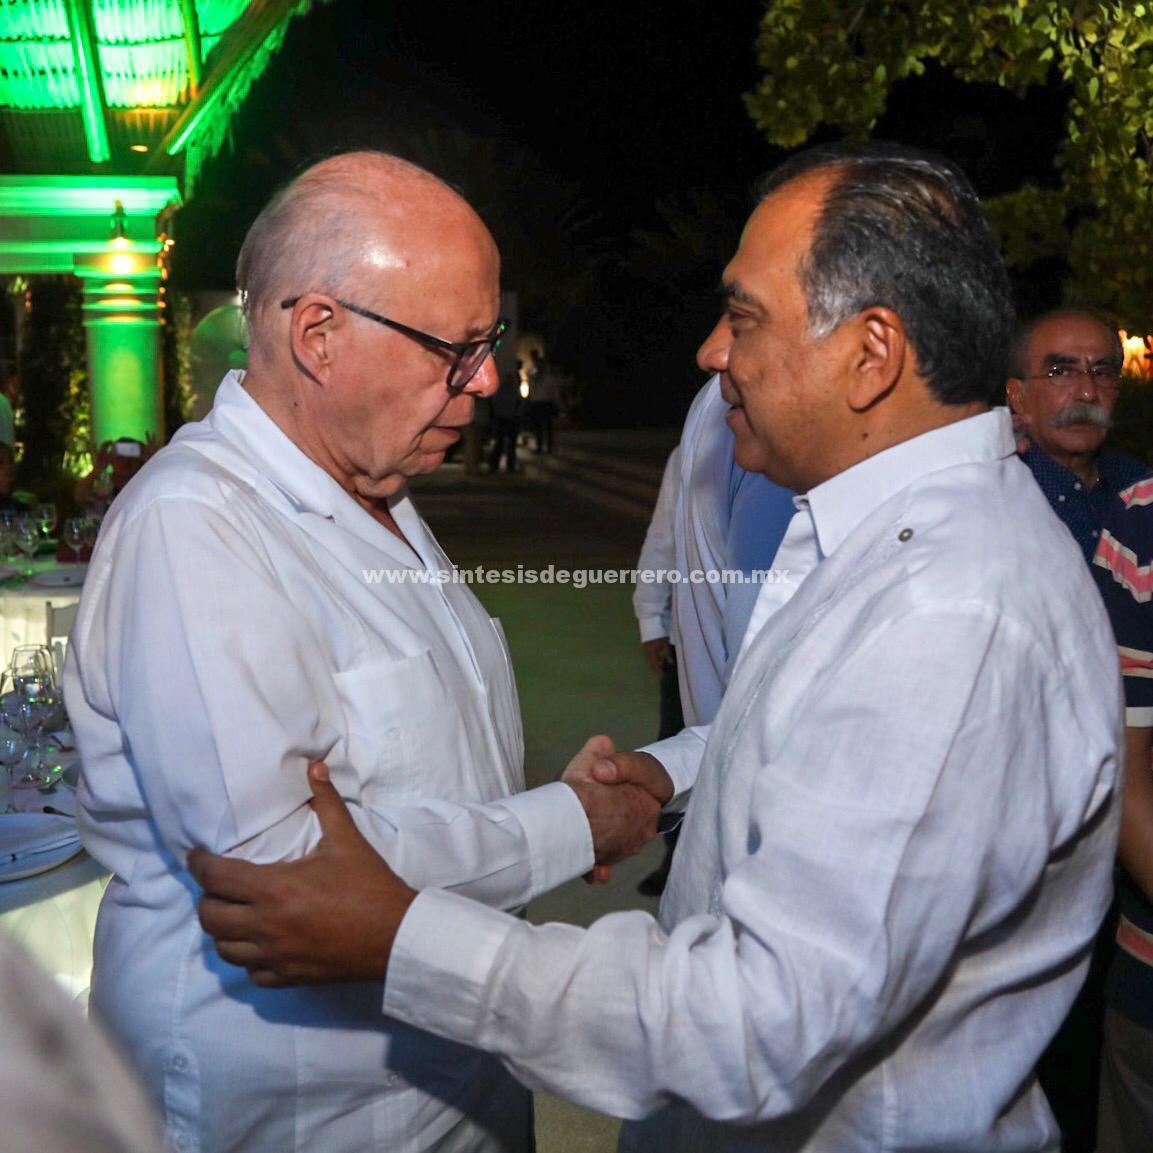 El gobernador Héctor Astudillo Flores dio la bienvenida al secretario de salud federal